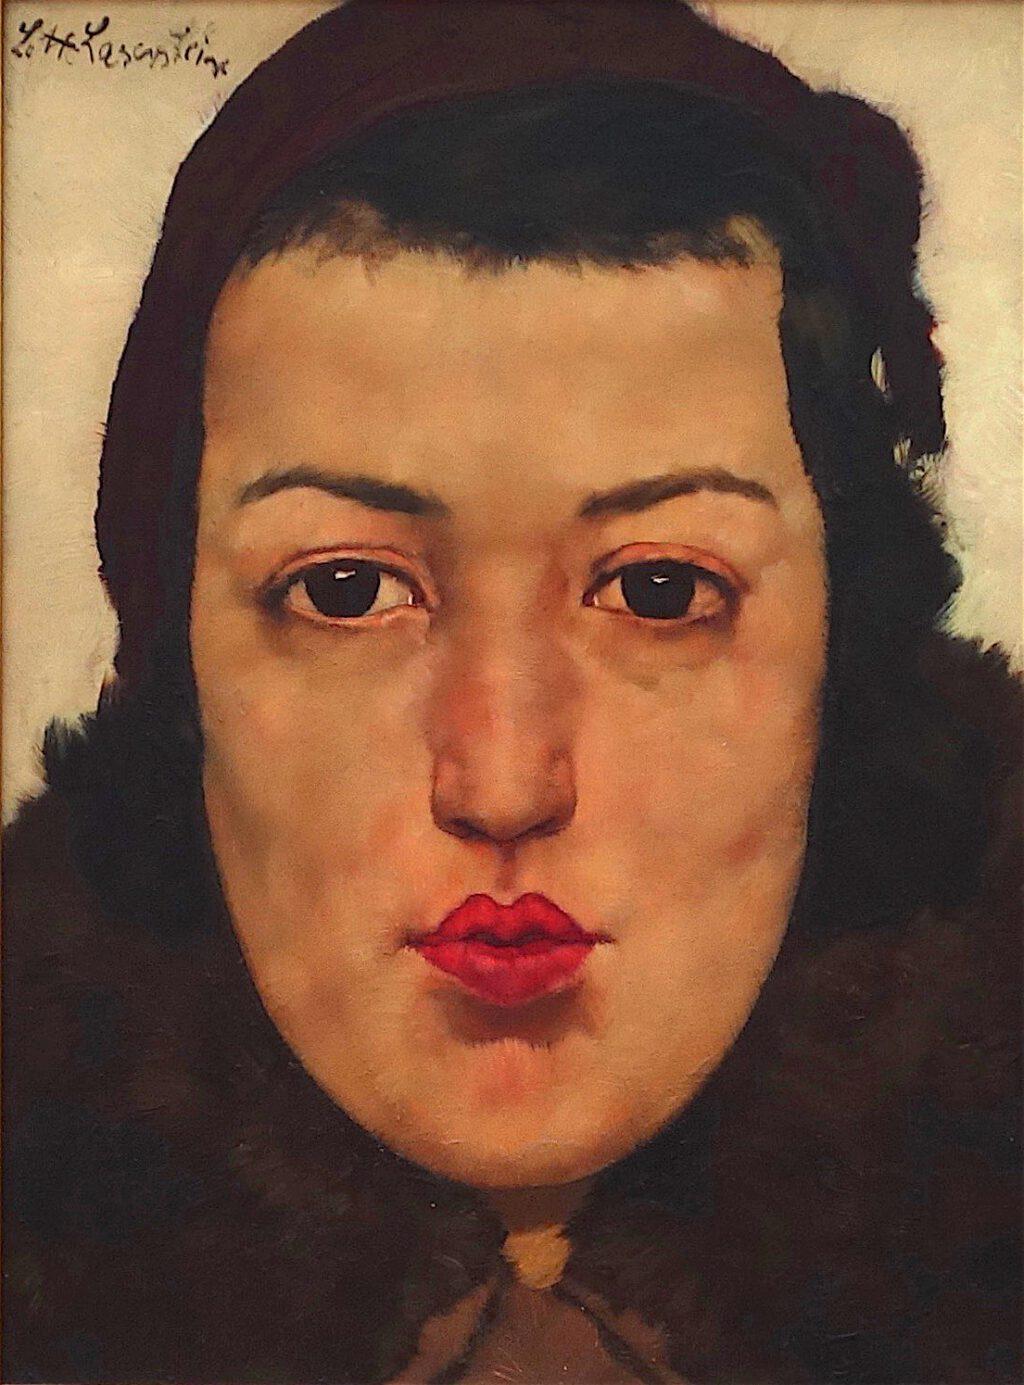 ロッテ・ラーゼルシュタイン「ロシア人女子」木材に油彩、32 x 23 センチ、約1928年 (Städel Museum)